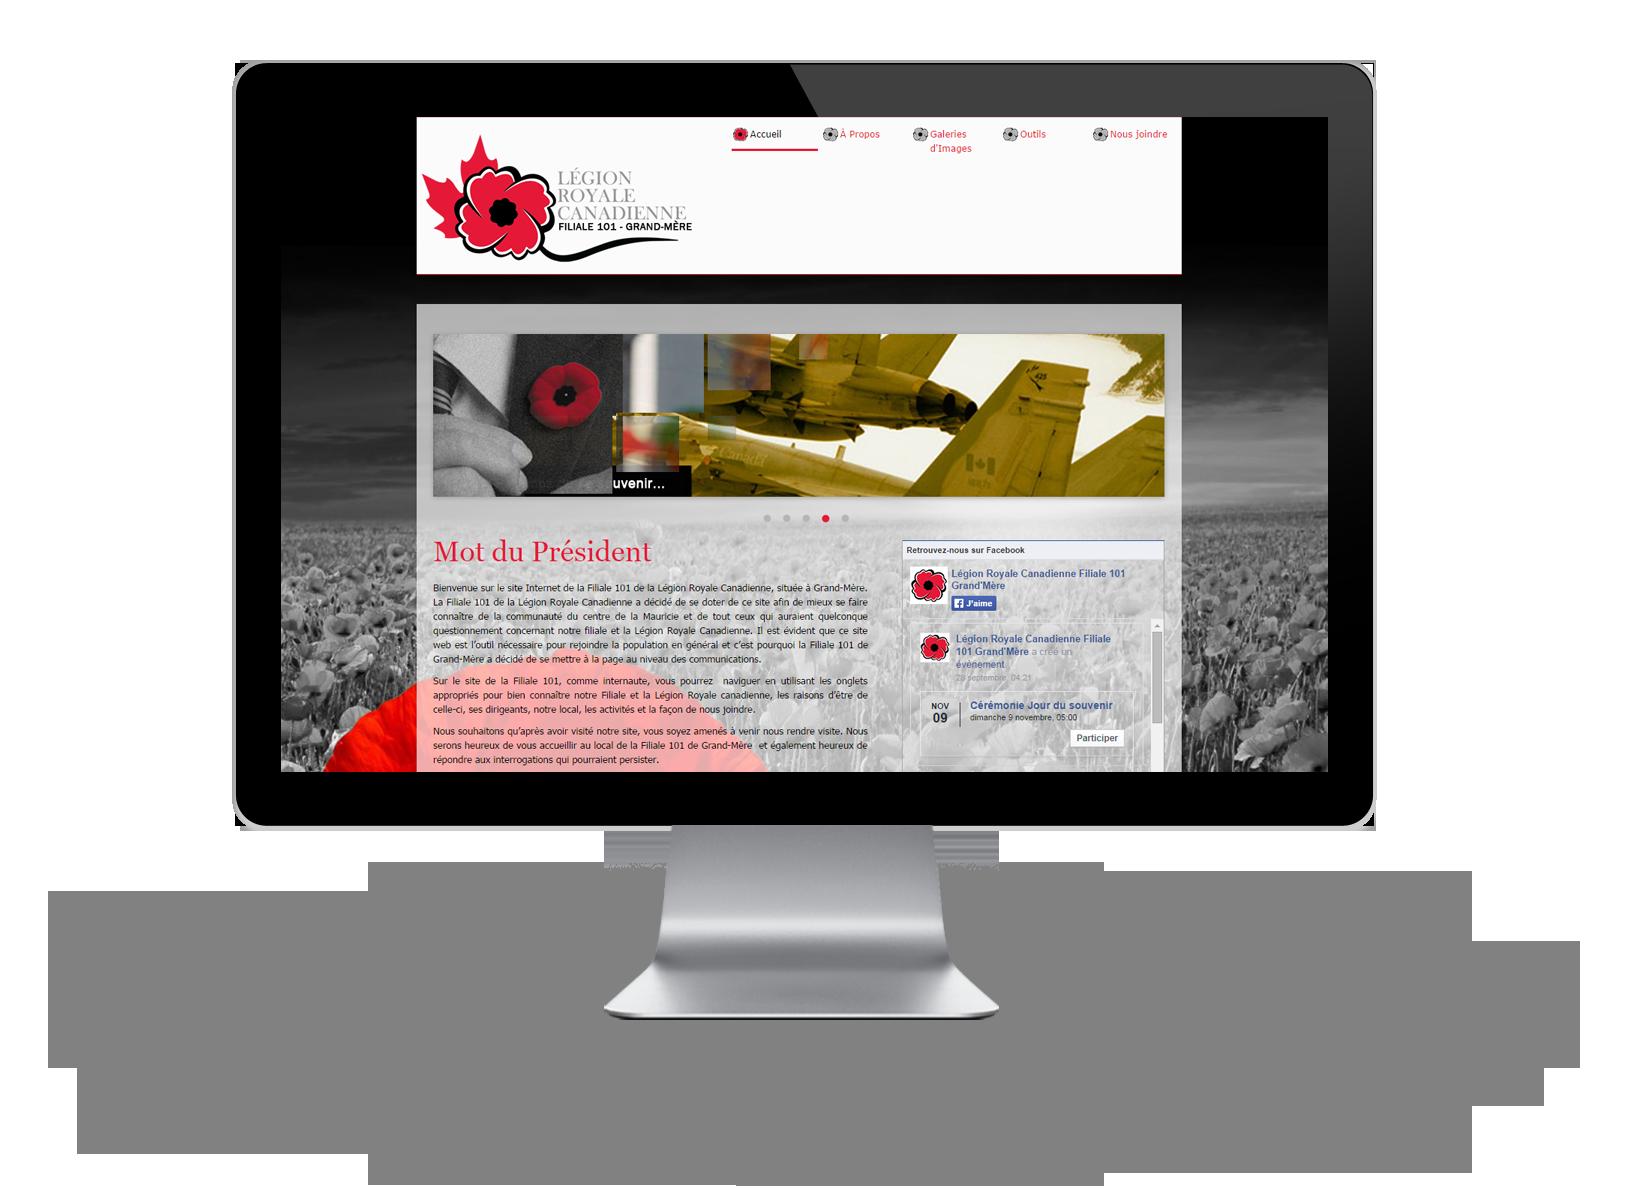 legion-royale-canadienne-101-1